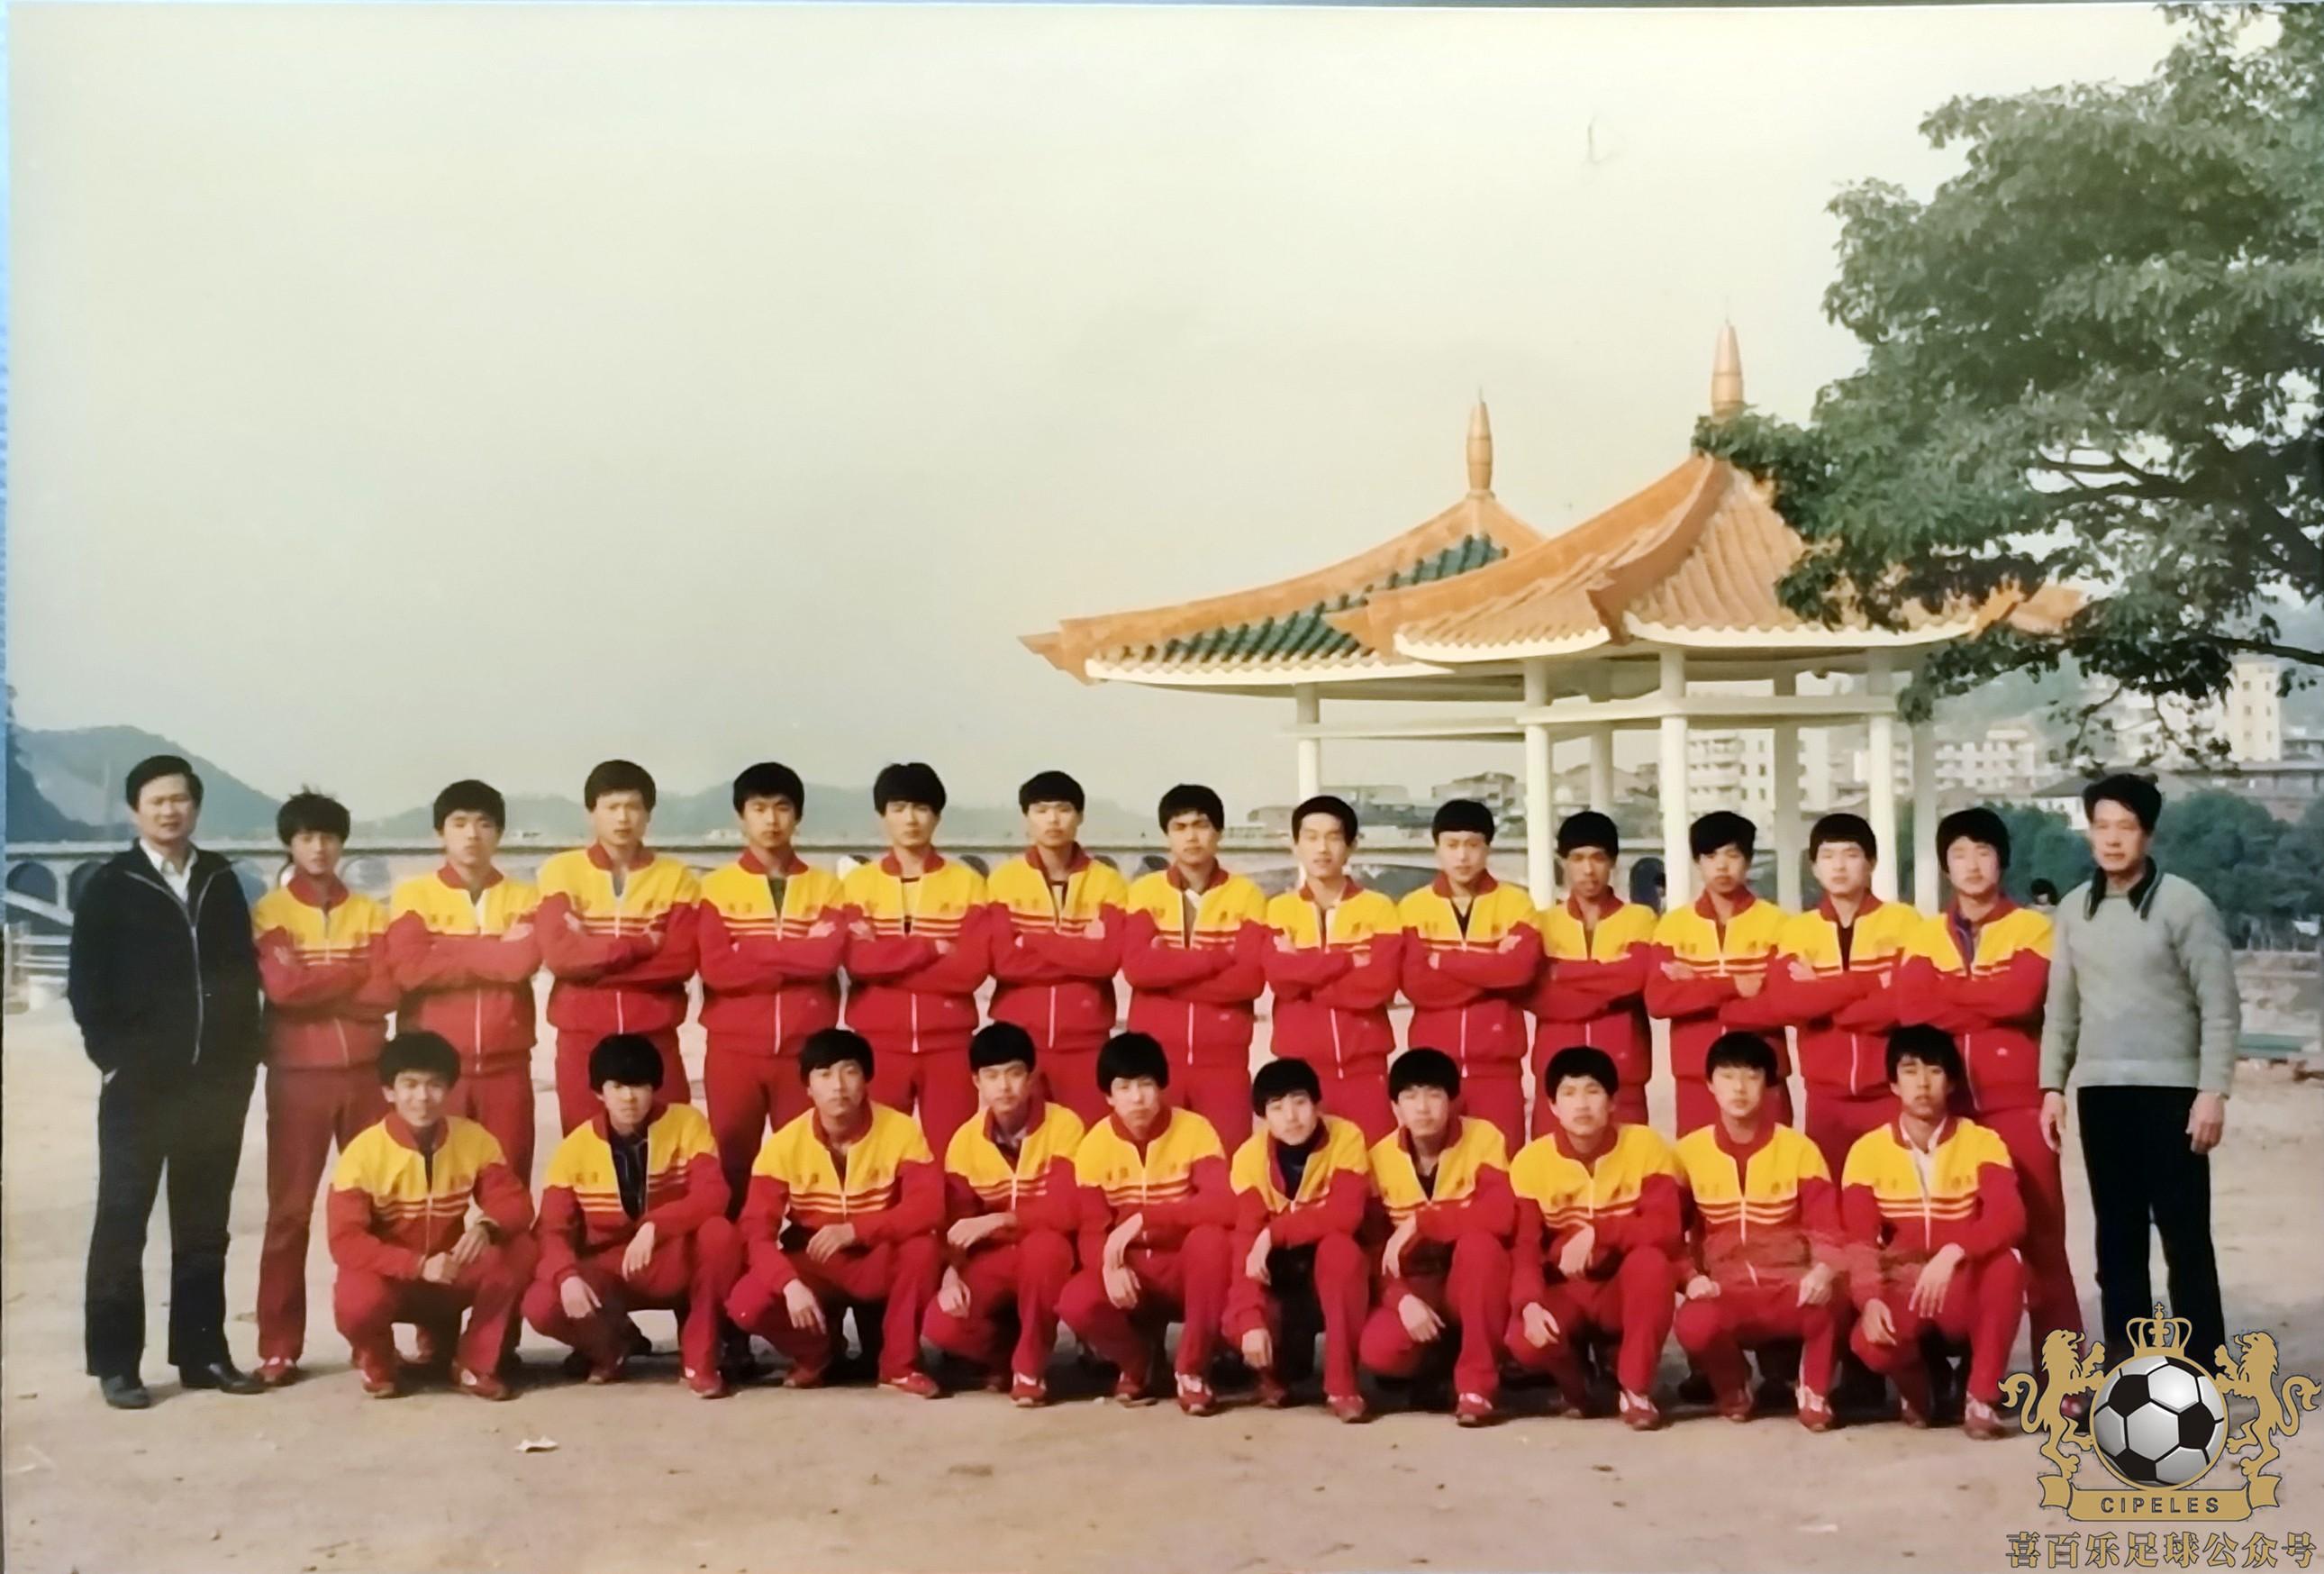 在足坛宿将孙霞丰统领下,竖起天津青年队的旗帜.